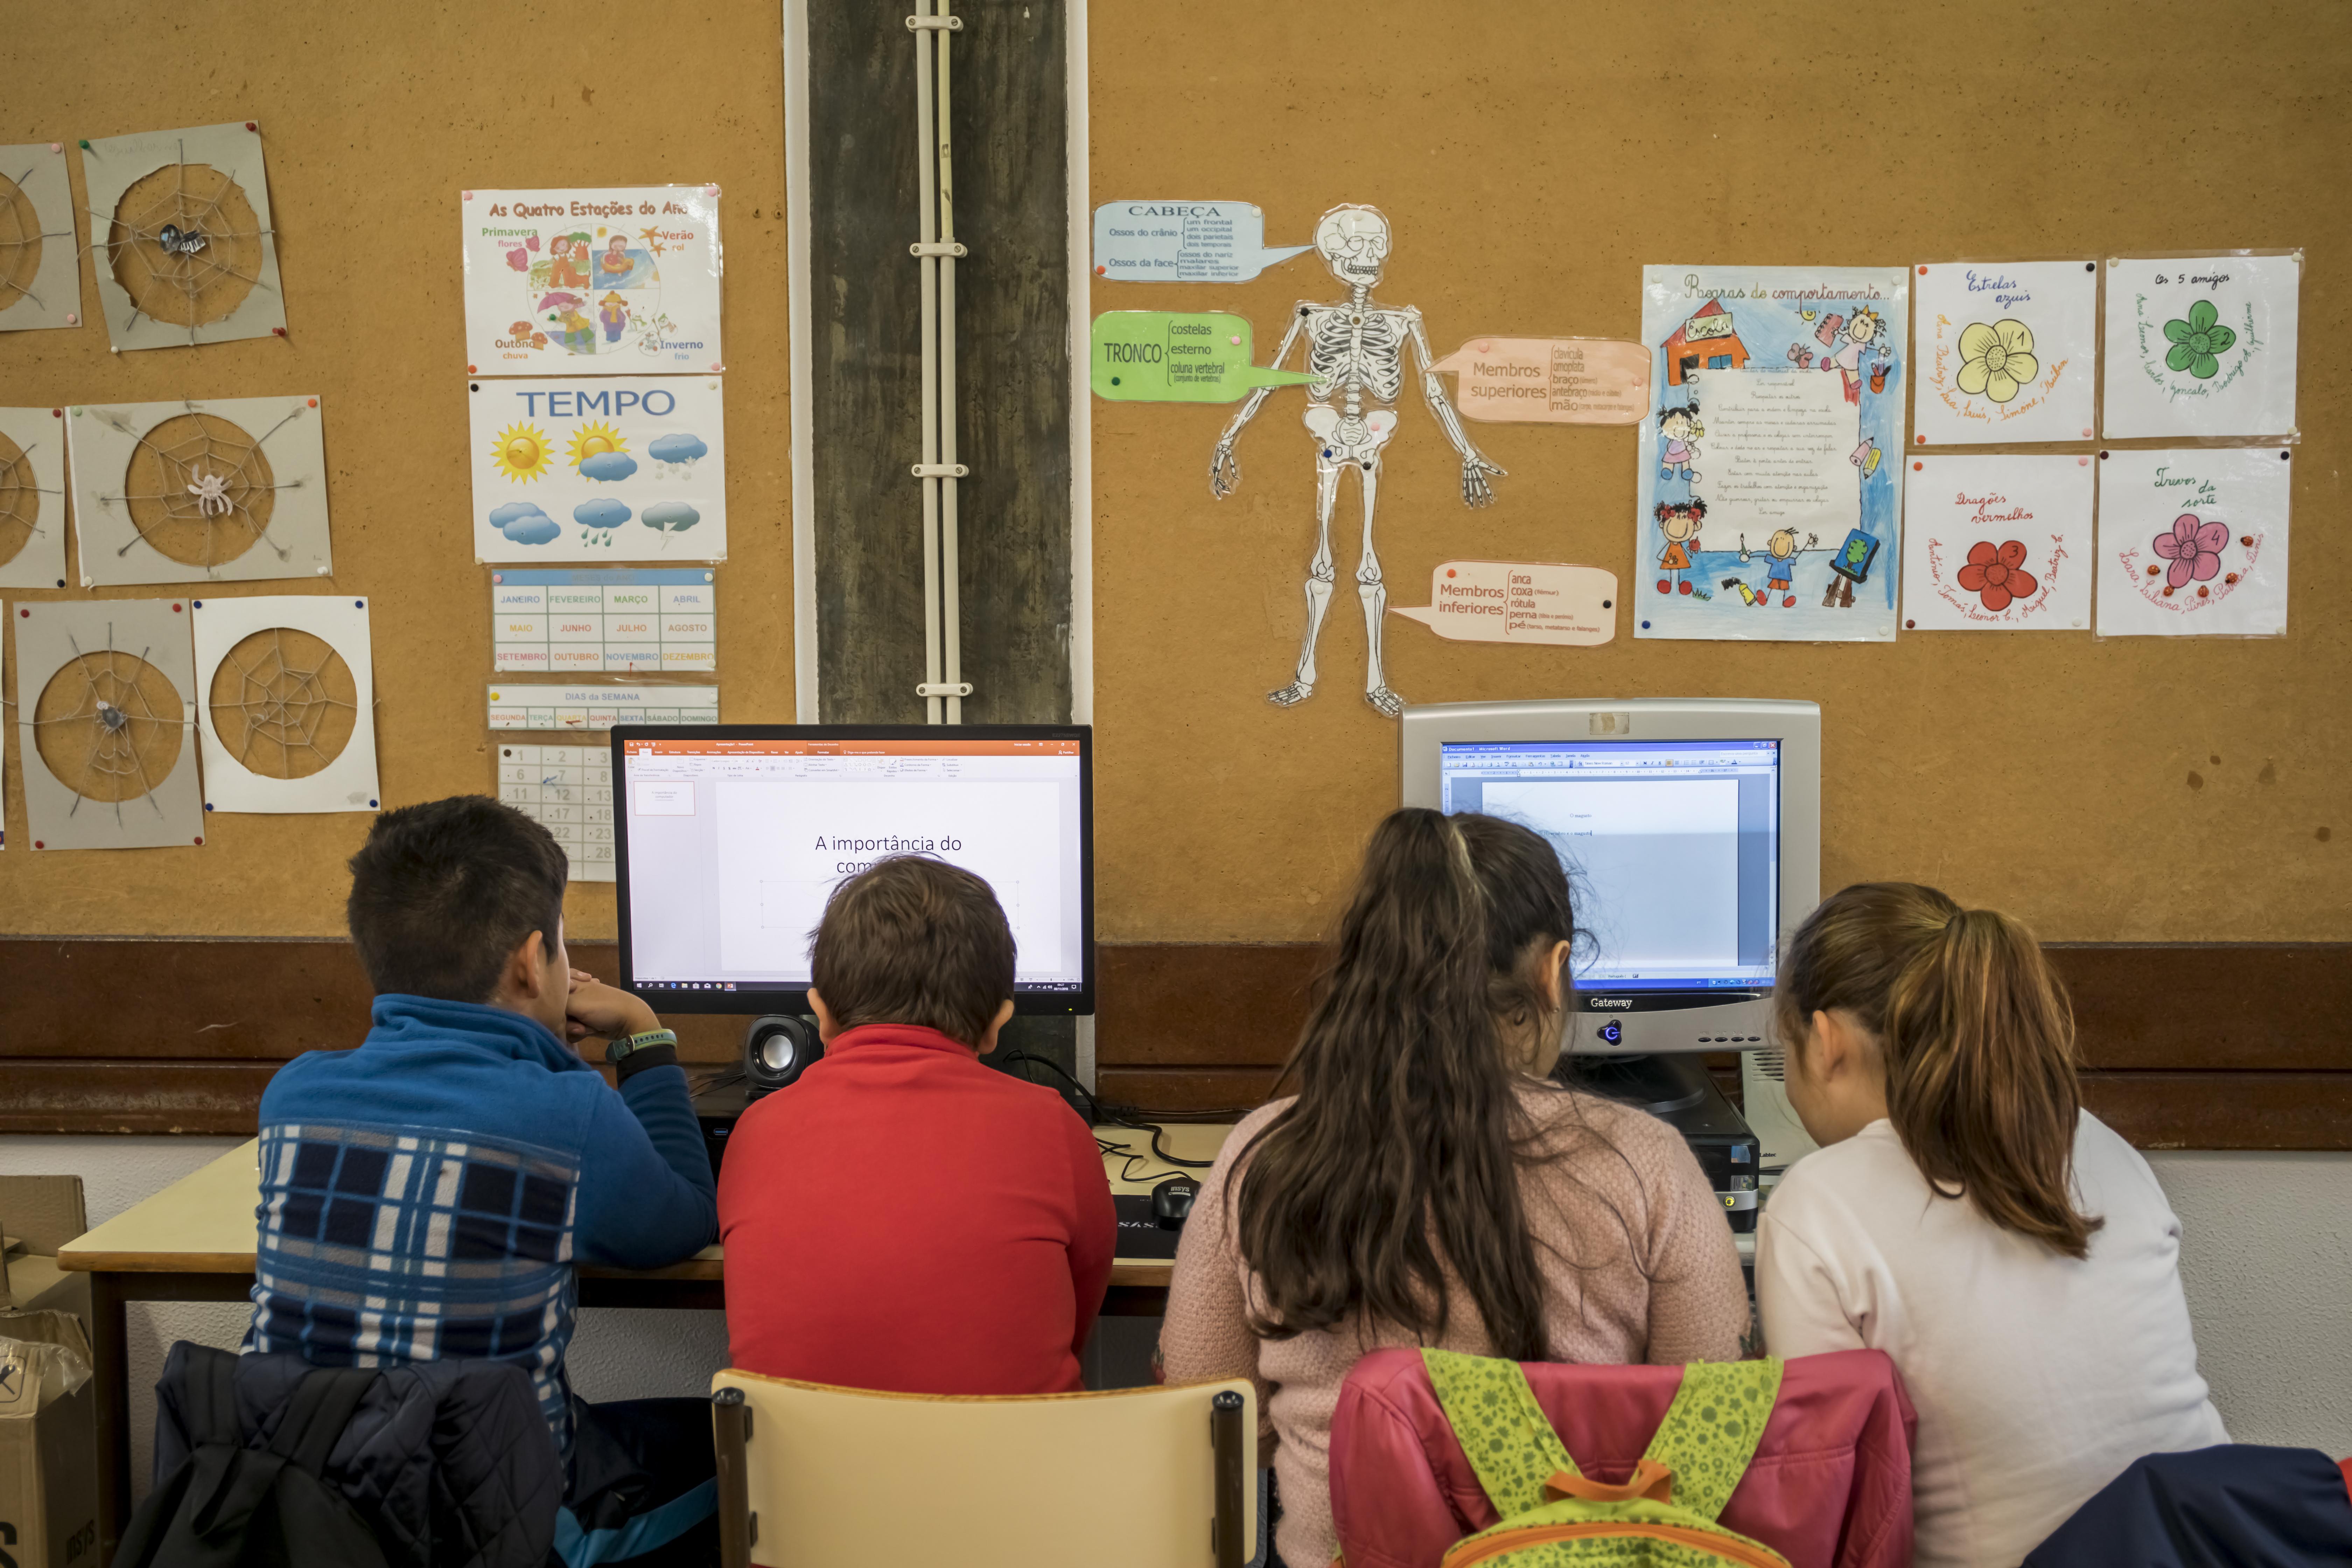 Câmara Municipal, IPCA e Centro Abel Varzim promovem competências digitais